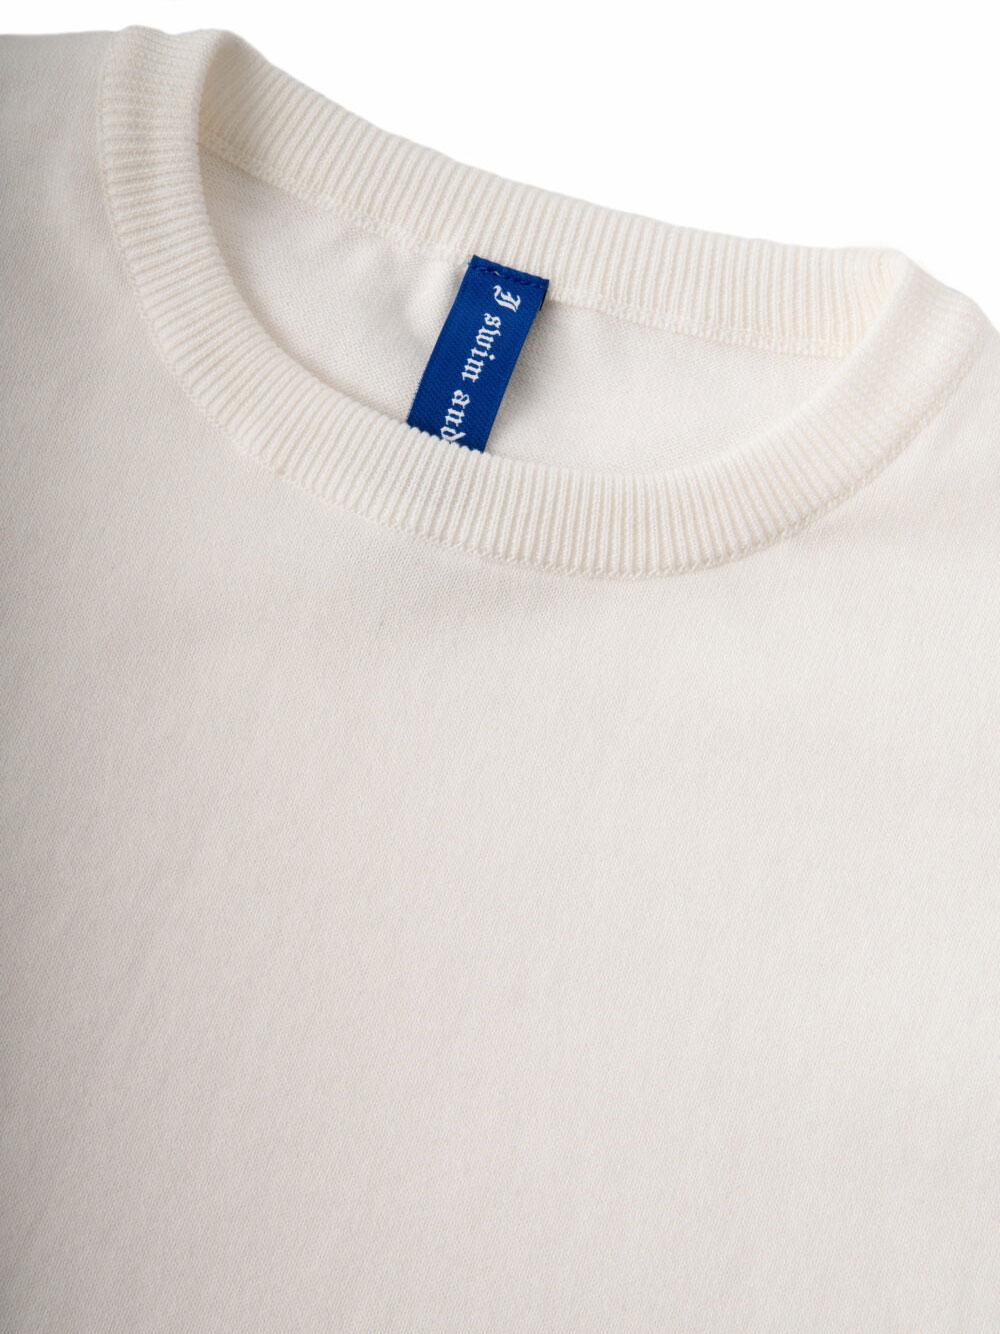 Water Repellent Premium Tee Shirt 002-White